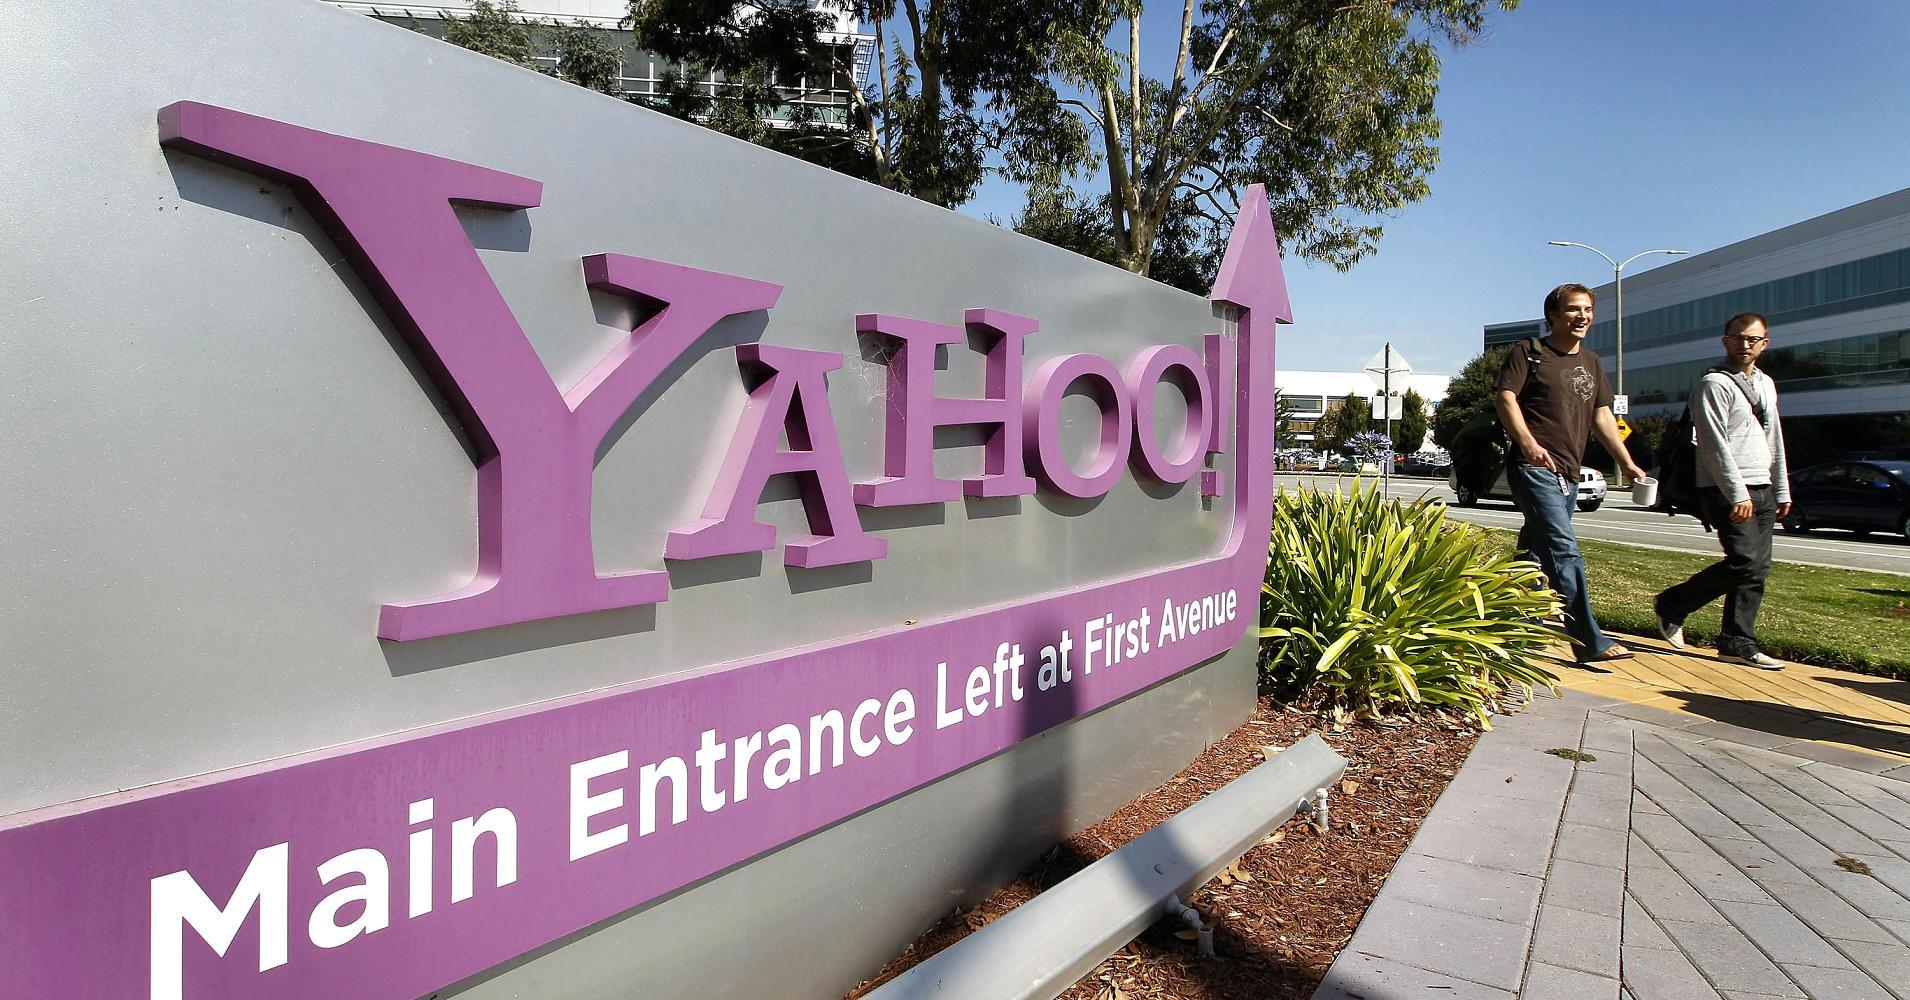 Yahoo Mail lucha contra el éxodo de usuarios